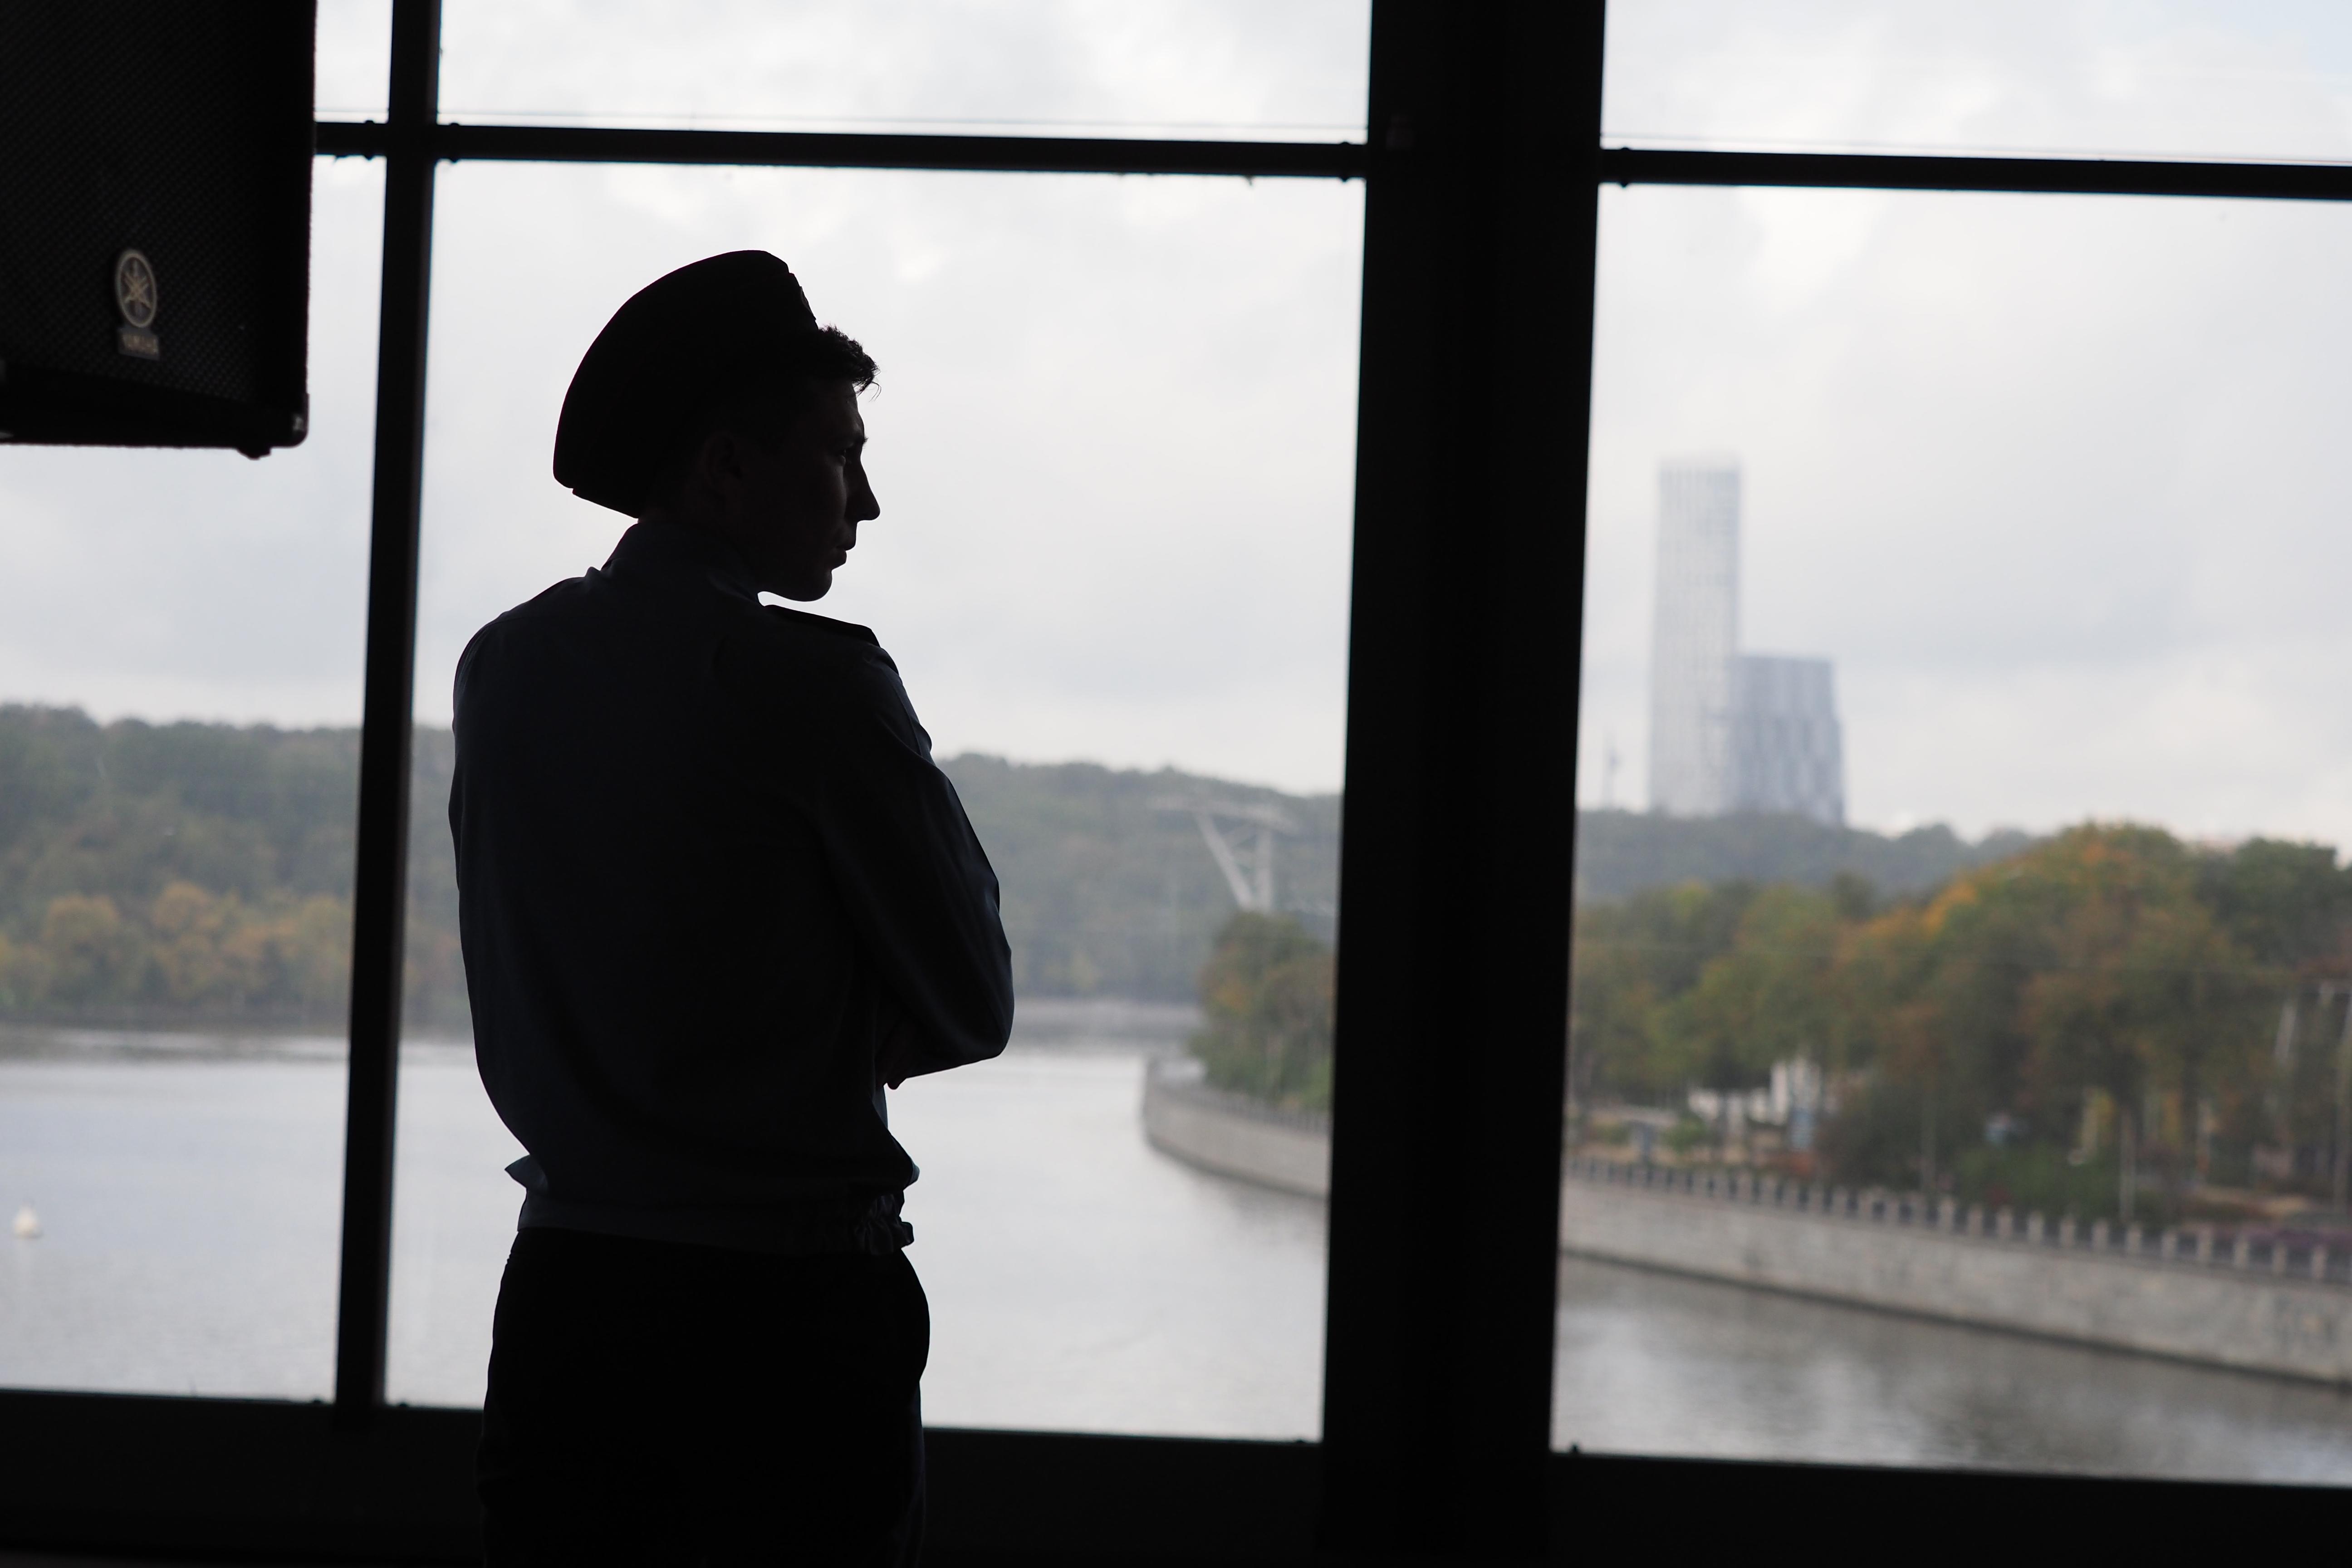 Метро Москвы избавилось от большинства аудиообъявлений